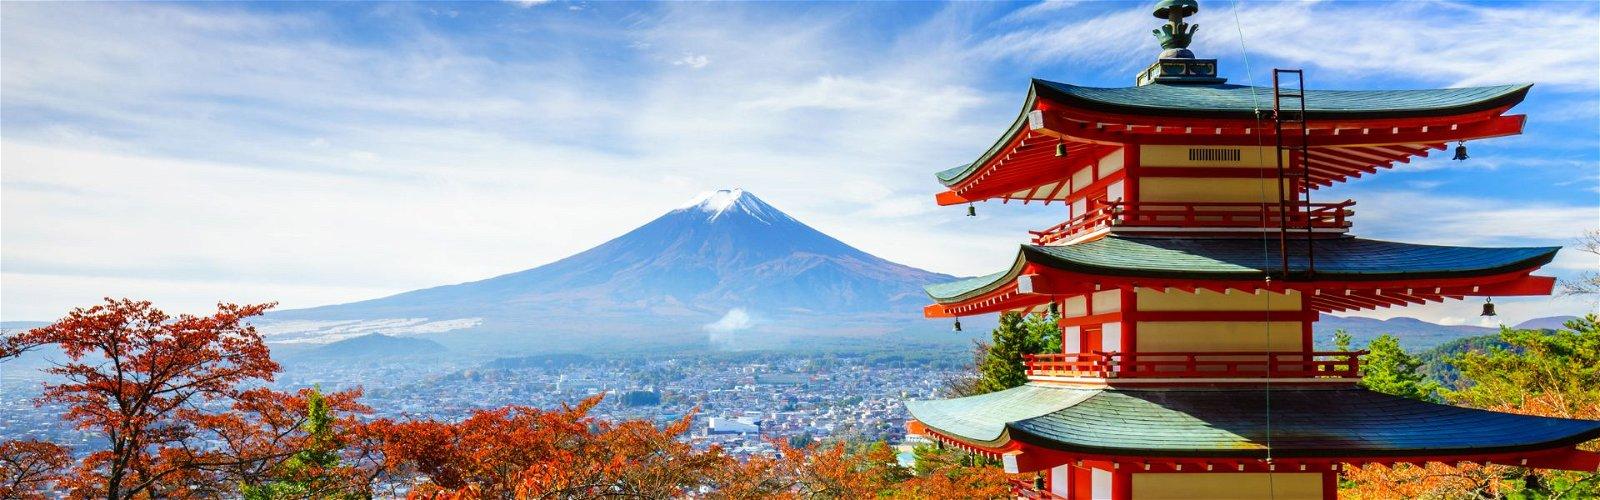 ทัวร์ญี่ปุ่น ฤดูหนาว 60-61 สนุกเล่นหิมะ - Mushroom Travel